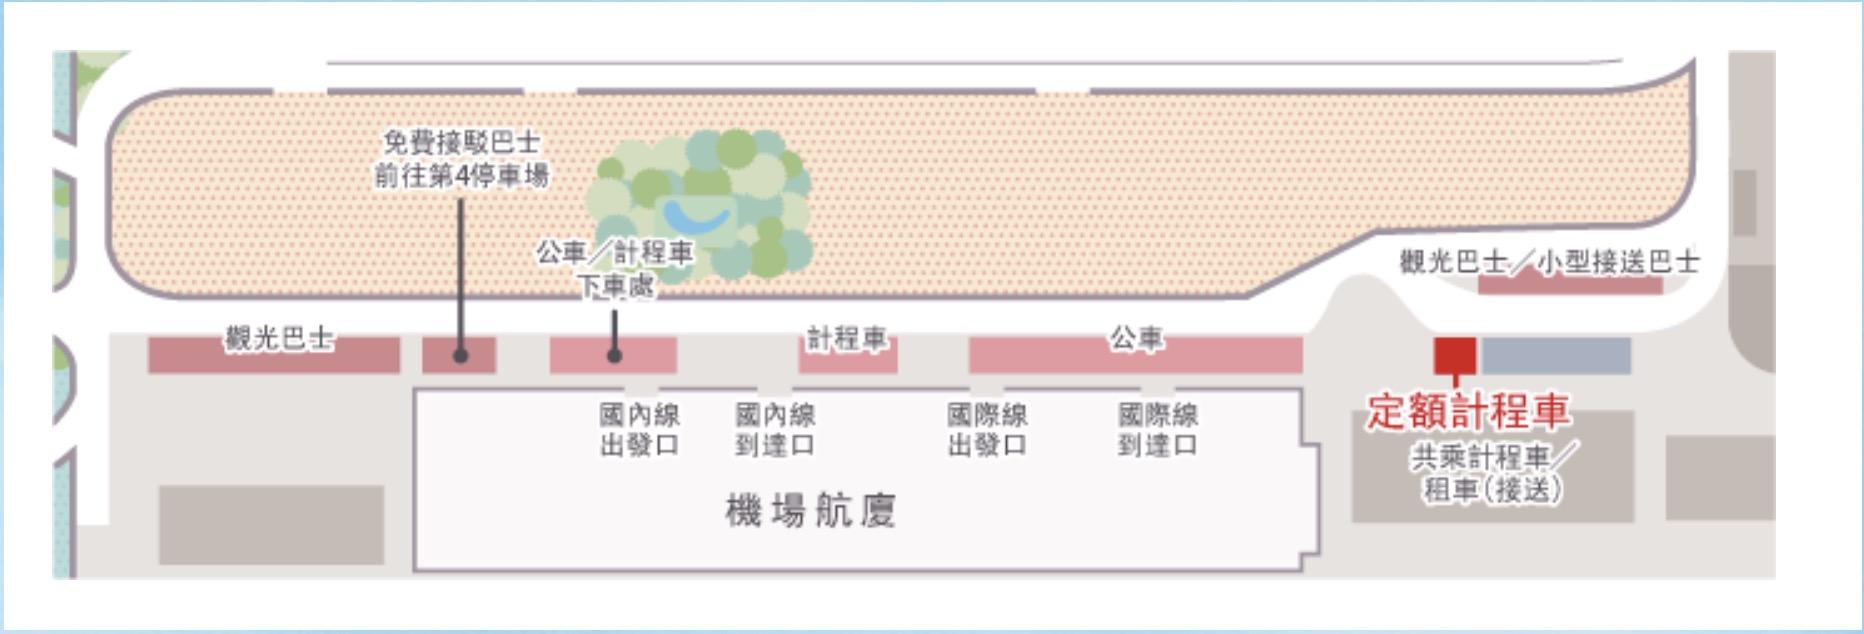 岡山機場到岡山市區倉敷交通方式|岡山機場巴士、計程車路線、自駕